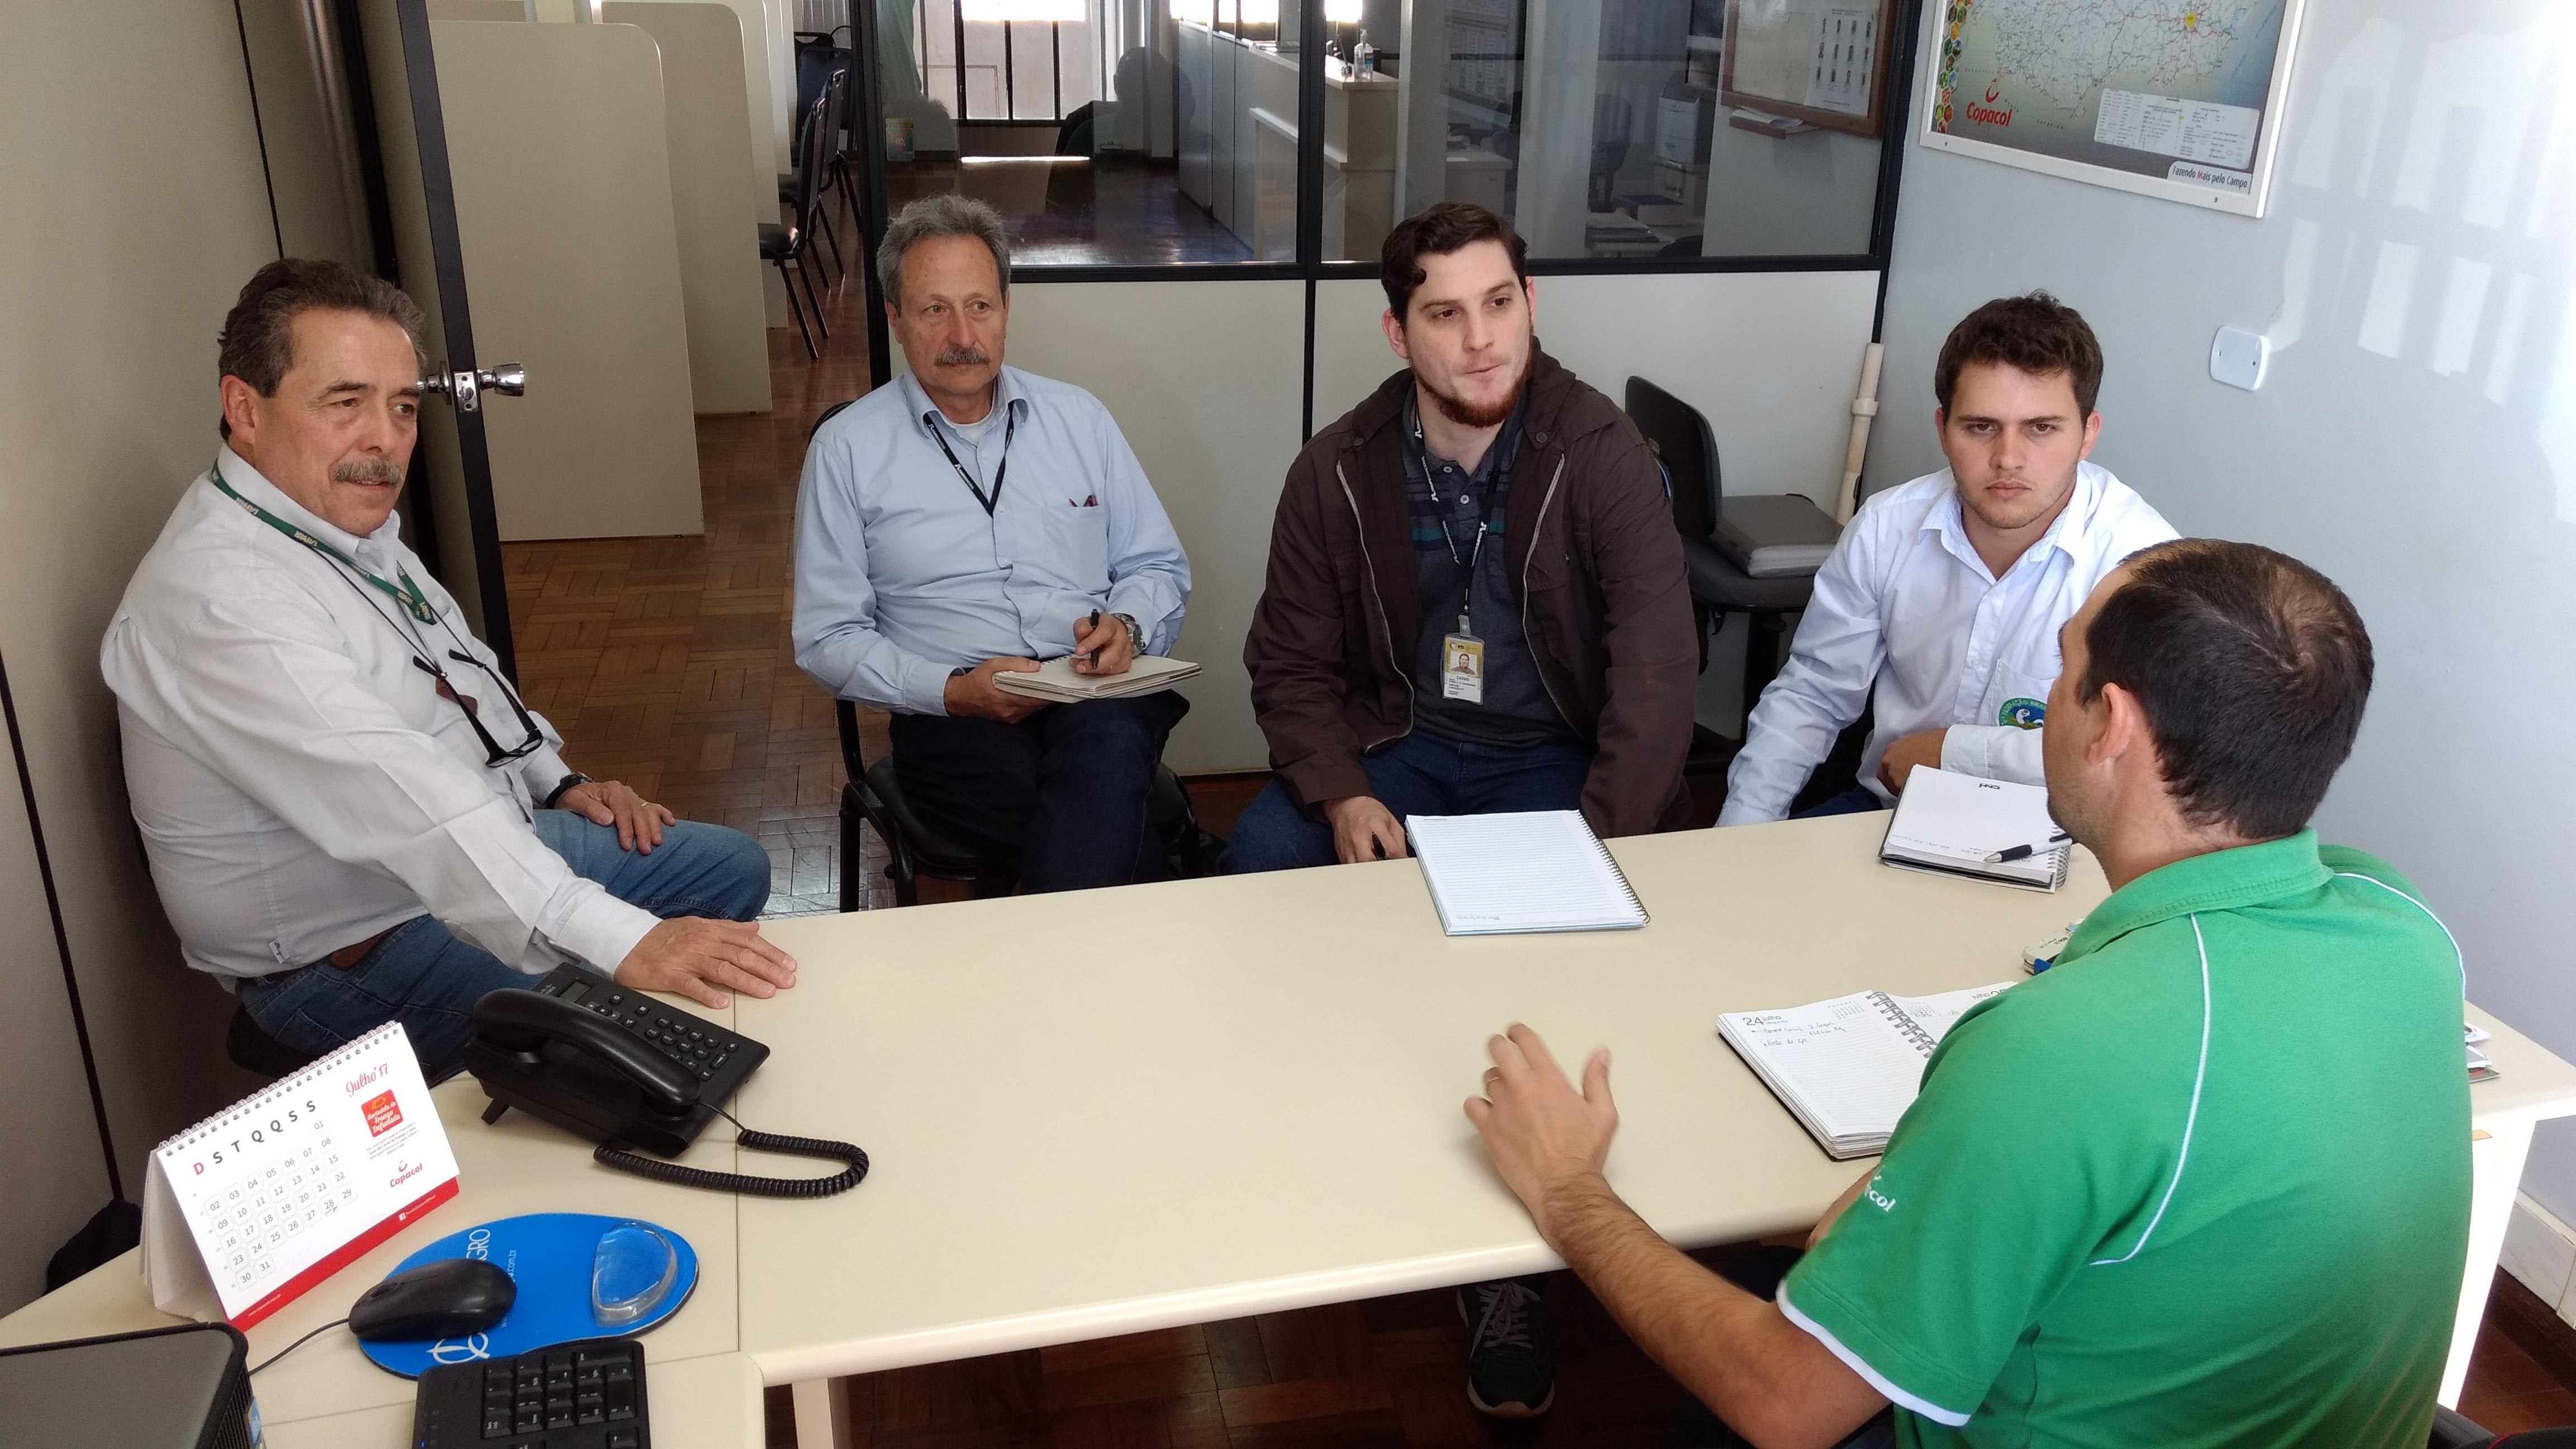 Rafael Fuentes, Nereu Procopiak, Cássio Wandscheer e Jeankleber Bortoluzzi